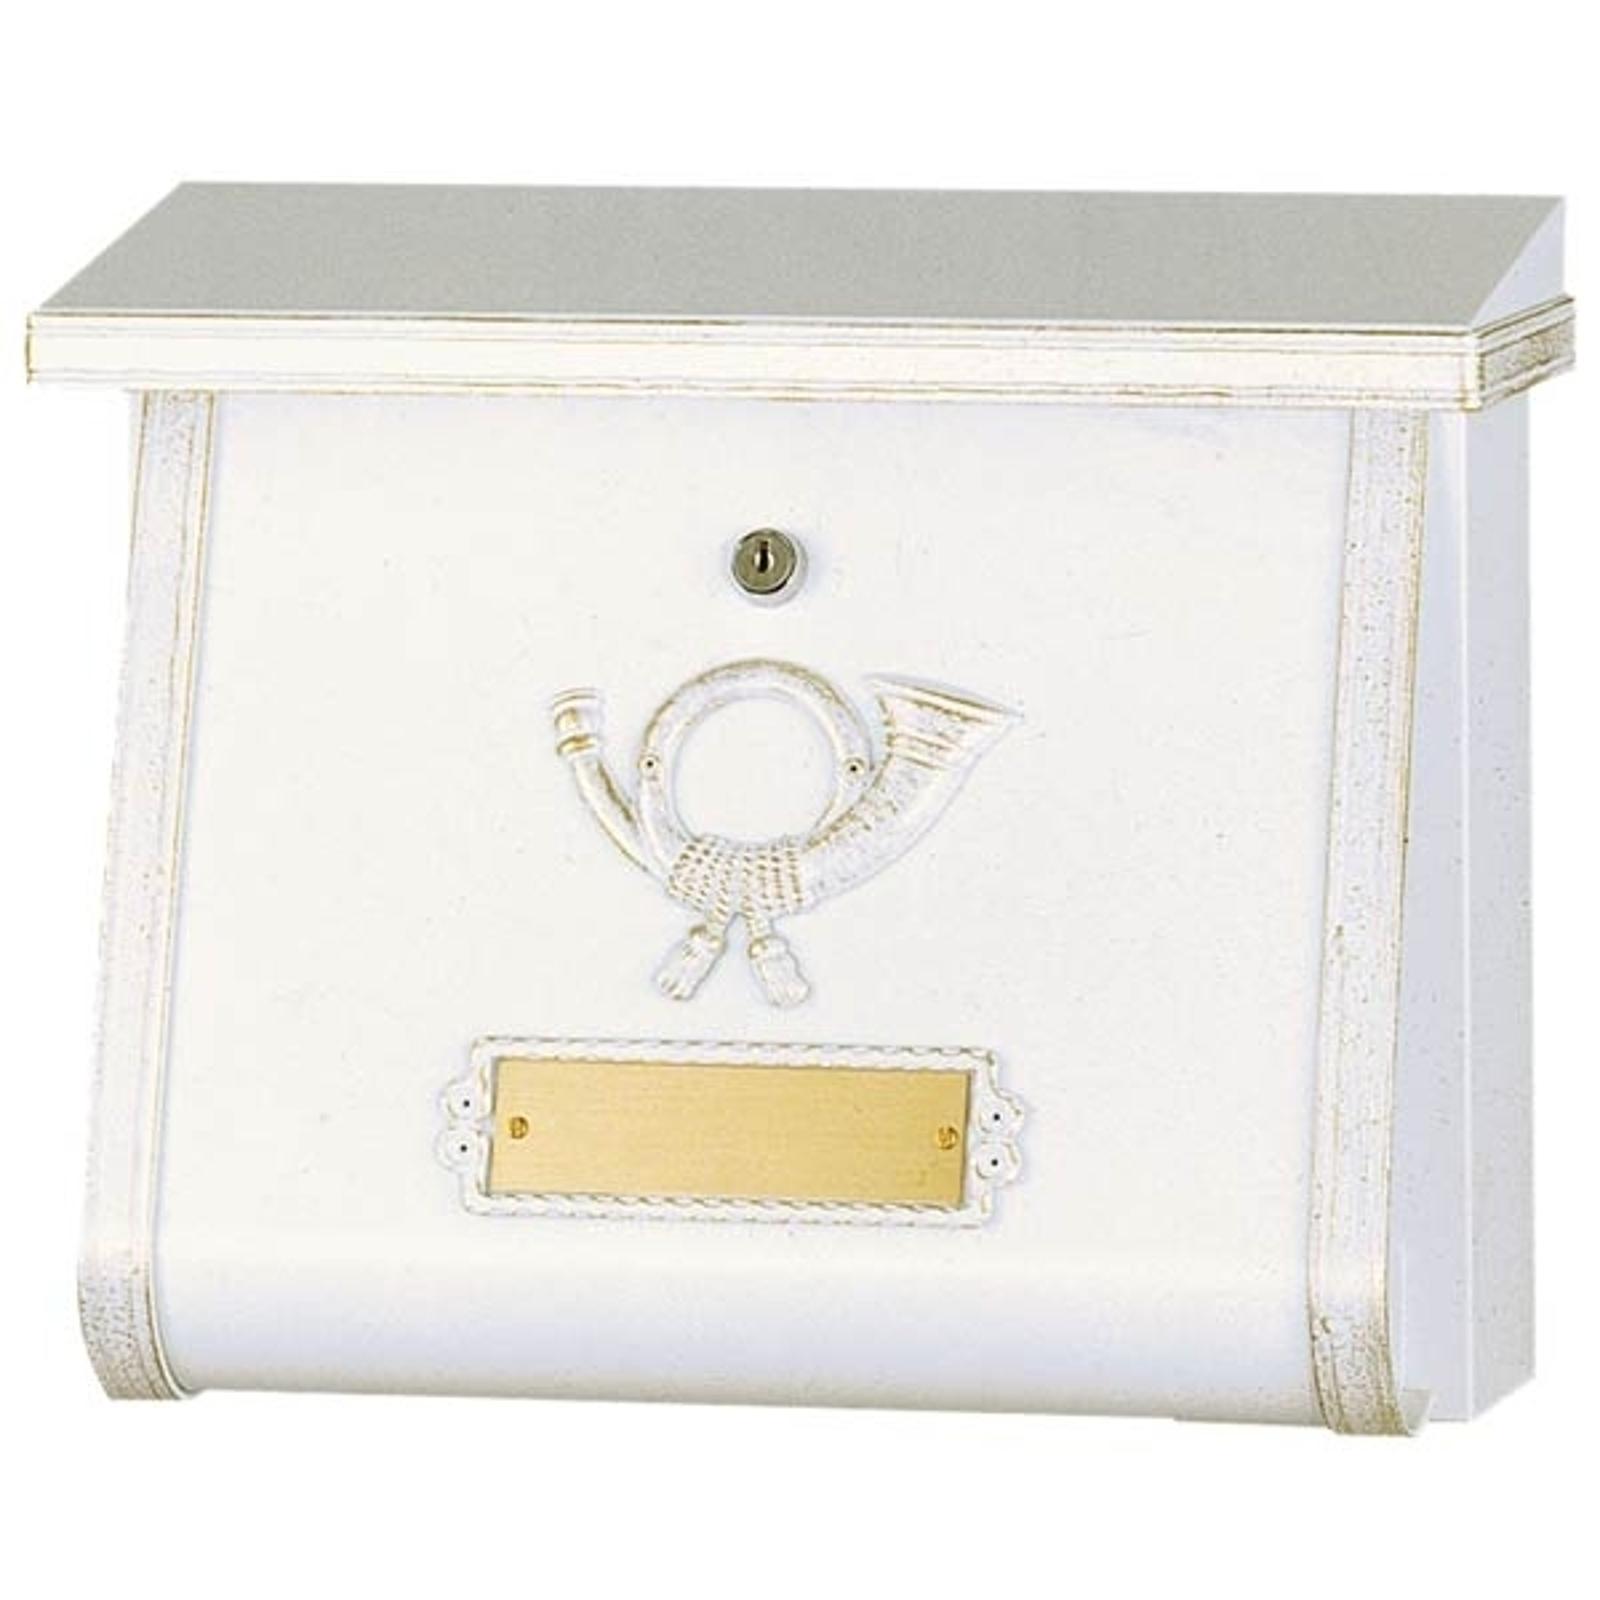 Produktové foto Heibi Umělecká poštovní schránka MULPI bílá-zlatá patina